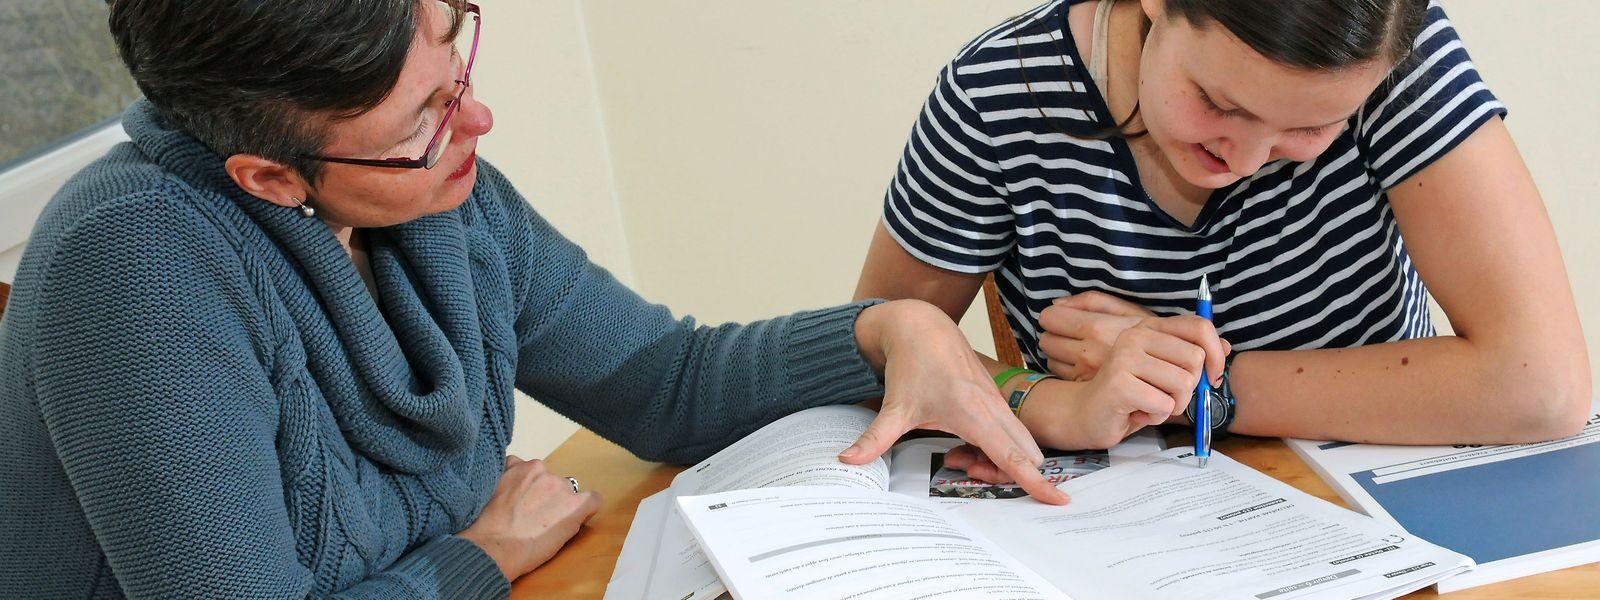 Le défi d'encadrement éducatif pour les parents est de taille